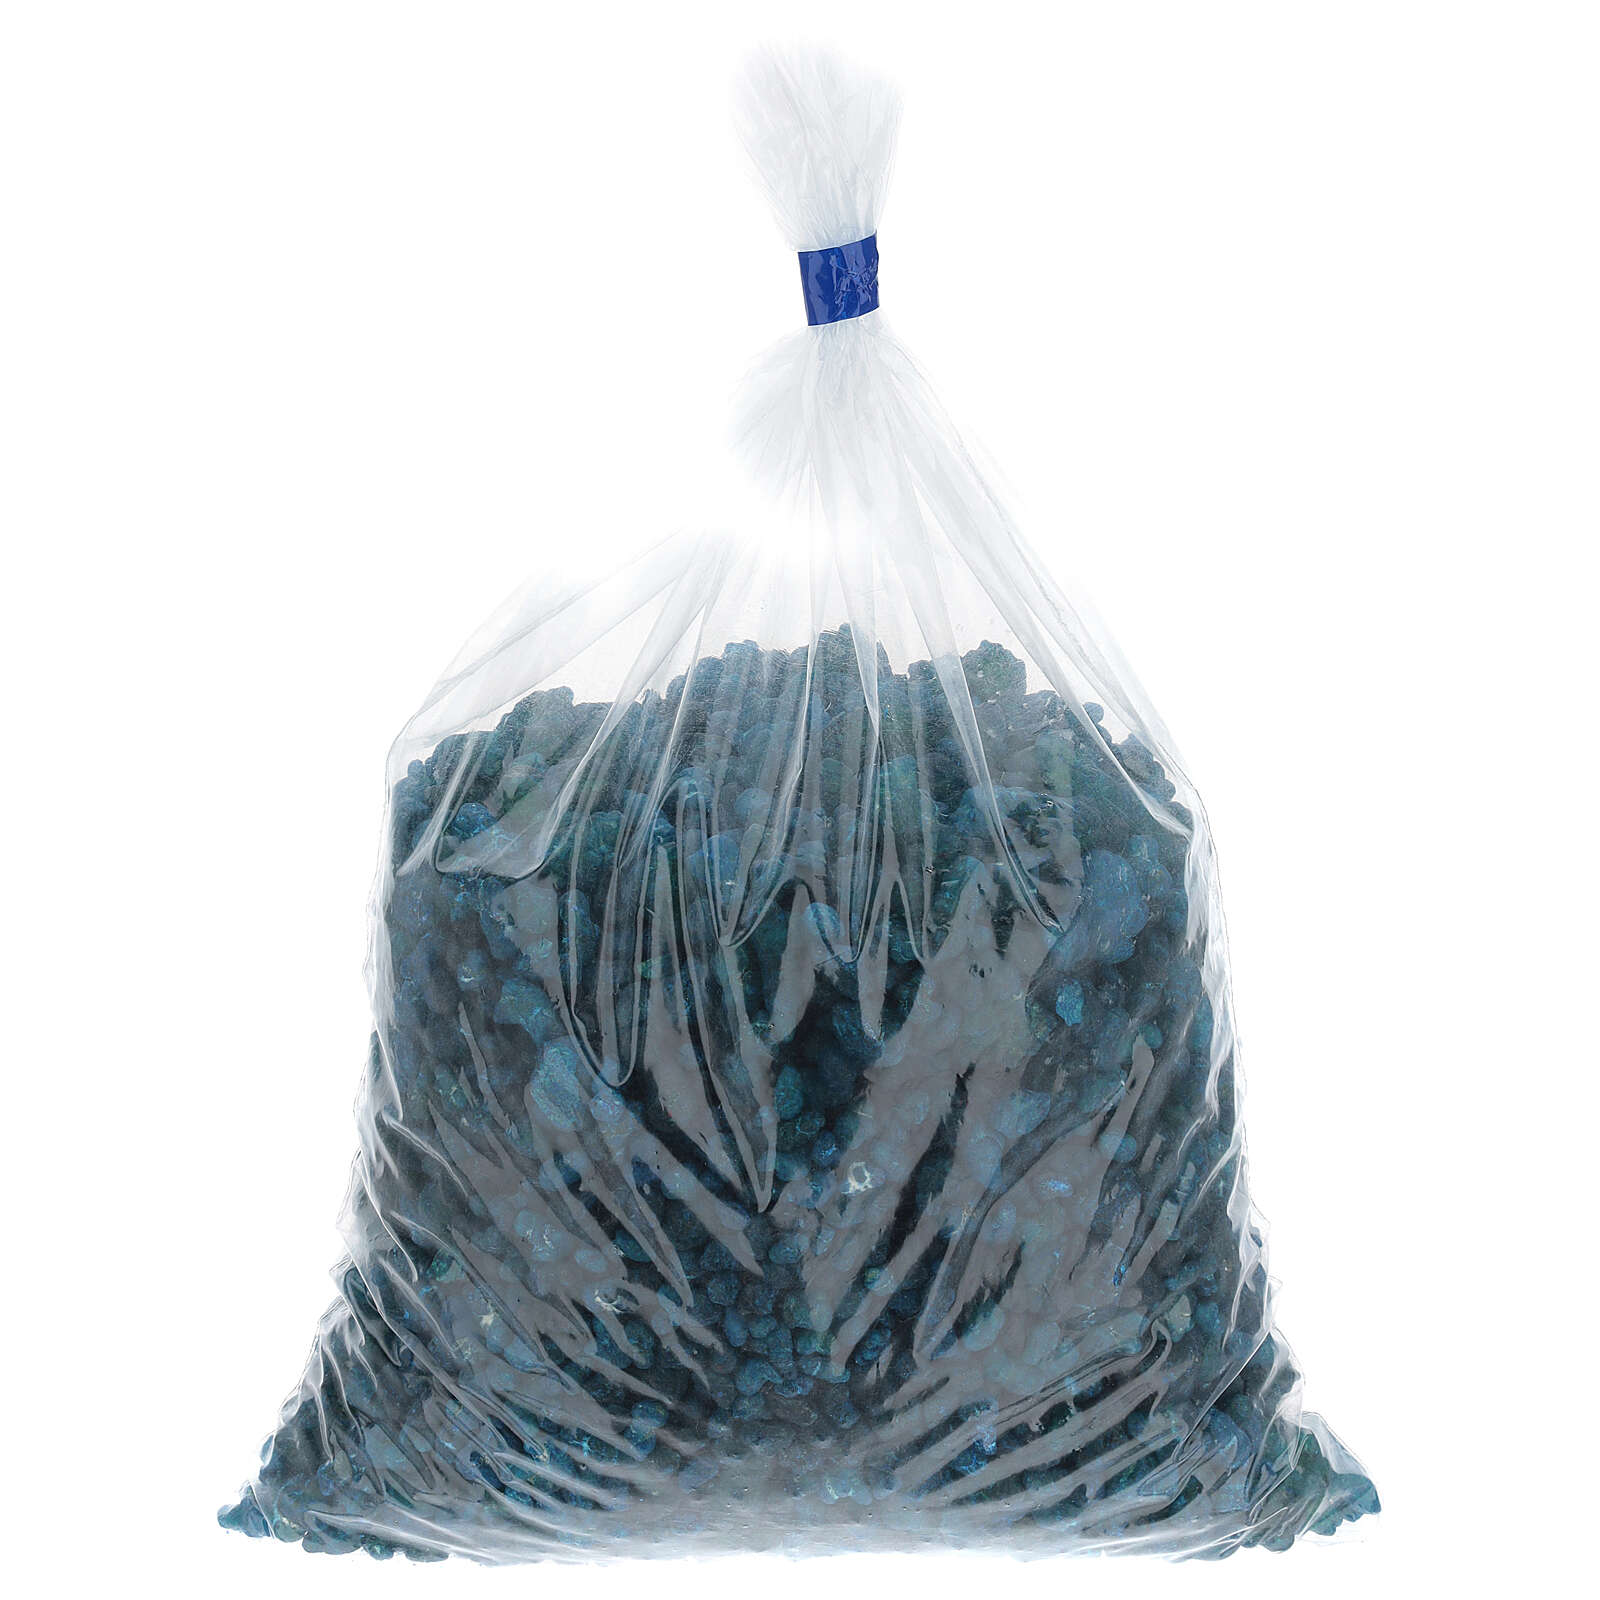 Kadzidło greckie pachnące Lawenda 1 kg 3